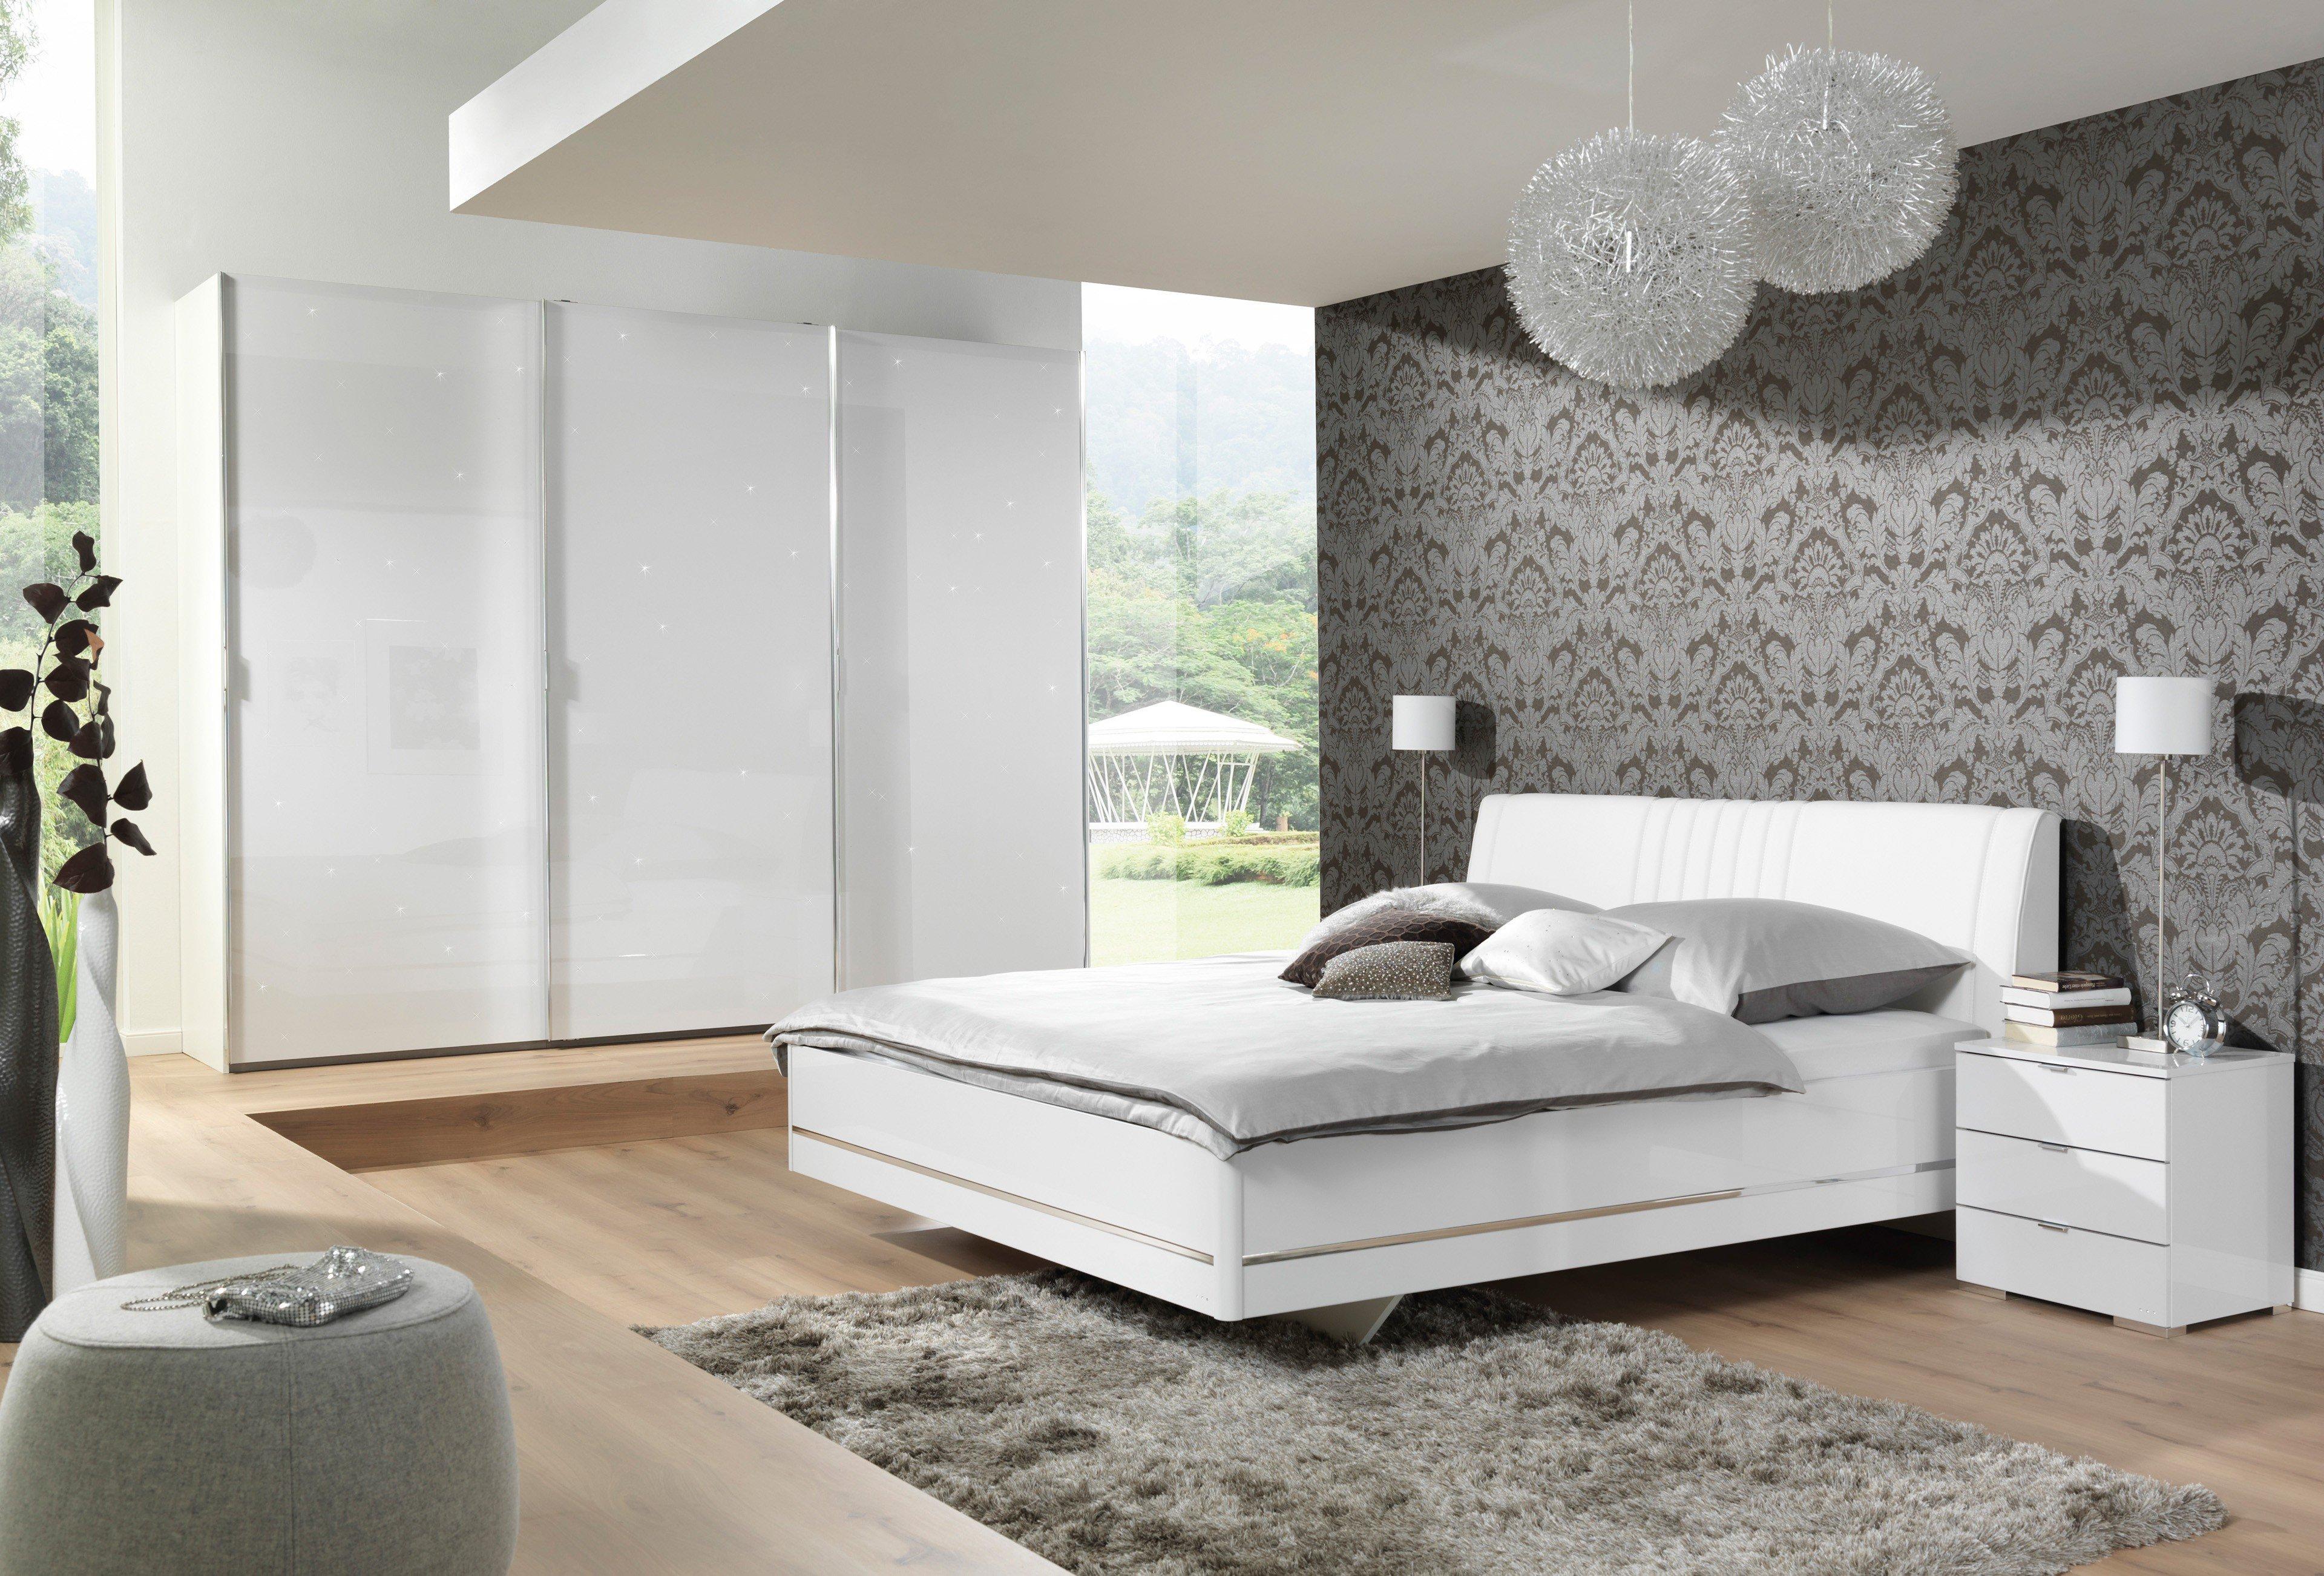 Glamour Von Wellemöbel Schlafzimmer Sternenhimmel Möbel Letz Ihr - Schlafzimmer sternenhimmel